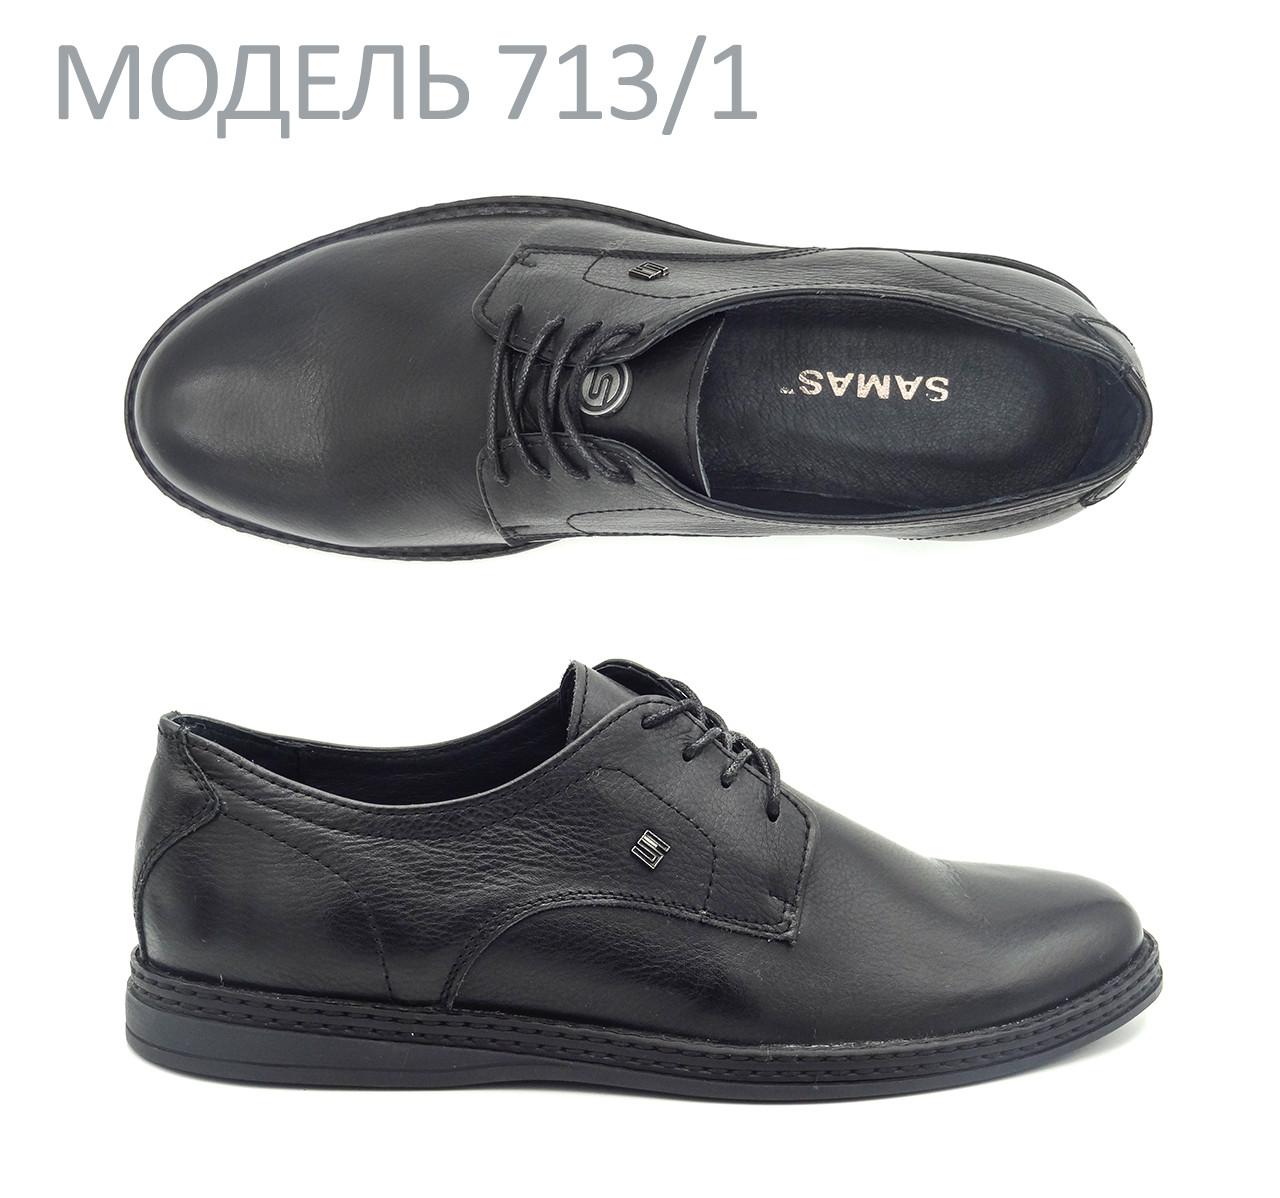 c75869007de6 Стильные кожаные мужские туфли черного цвета на подошве с двойным ...